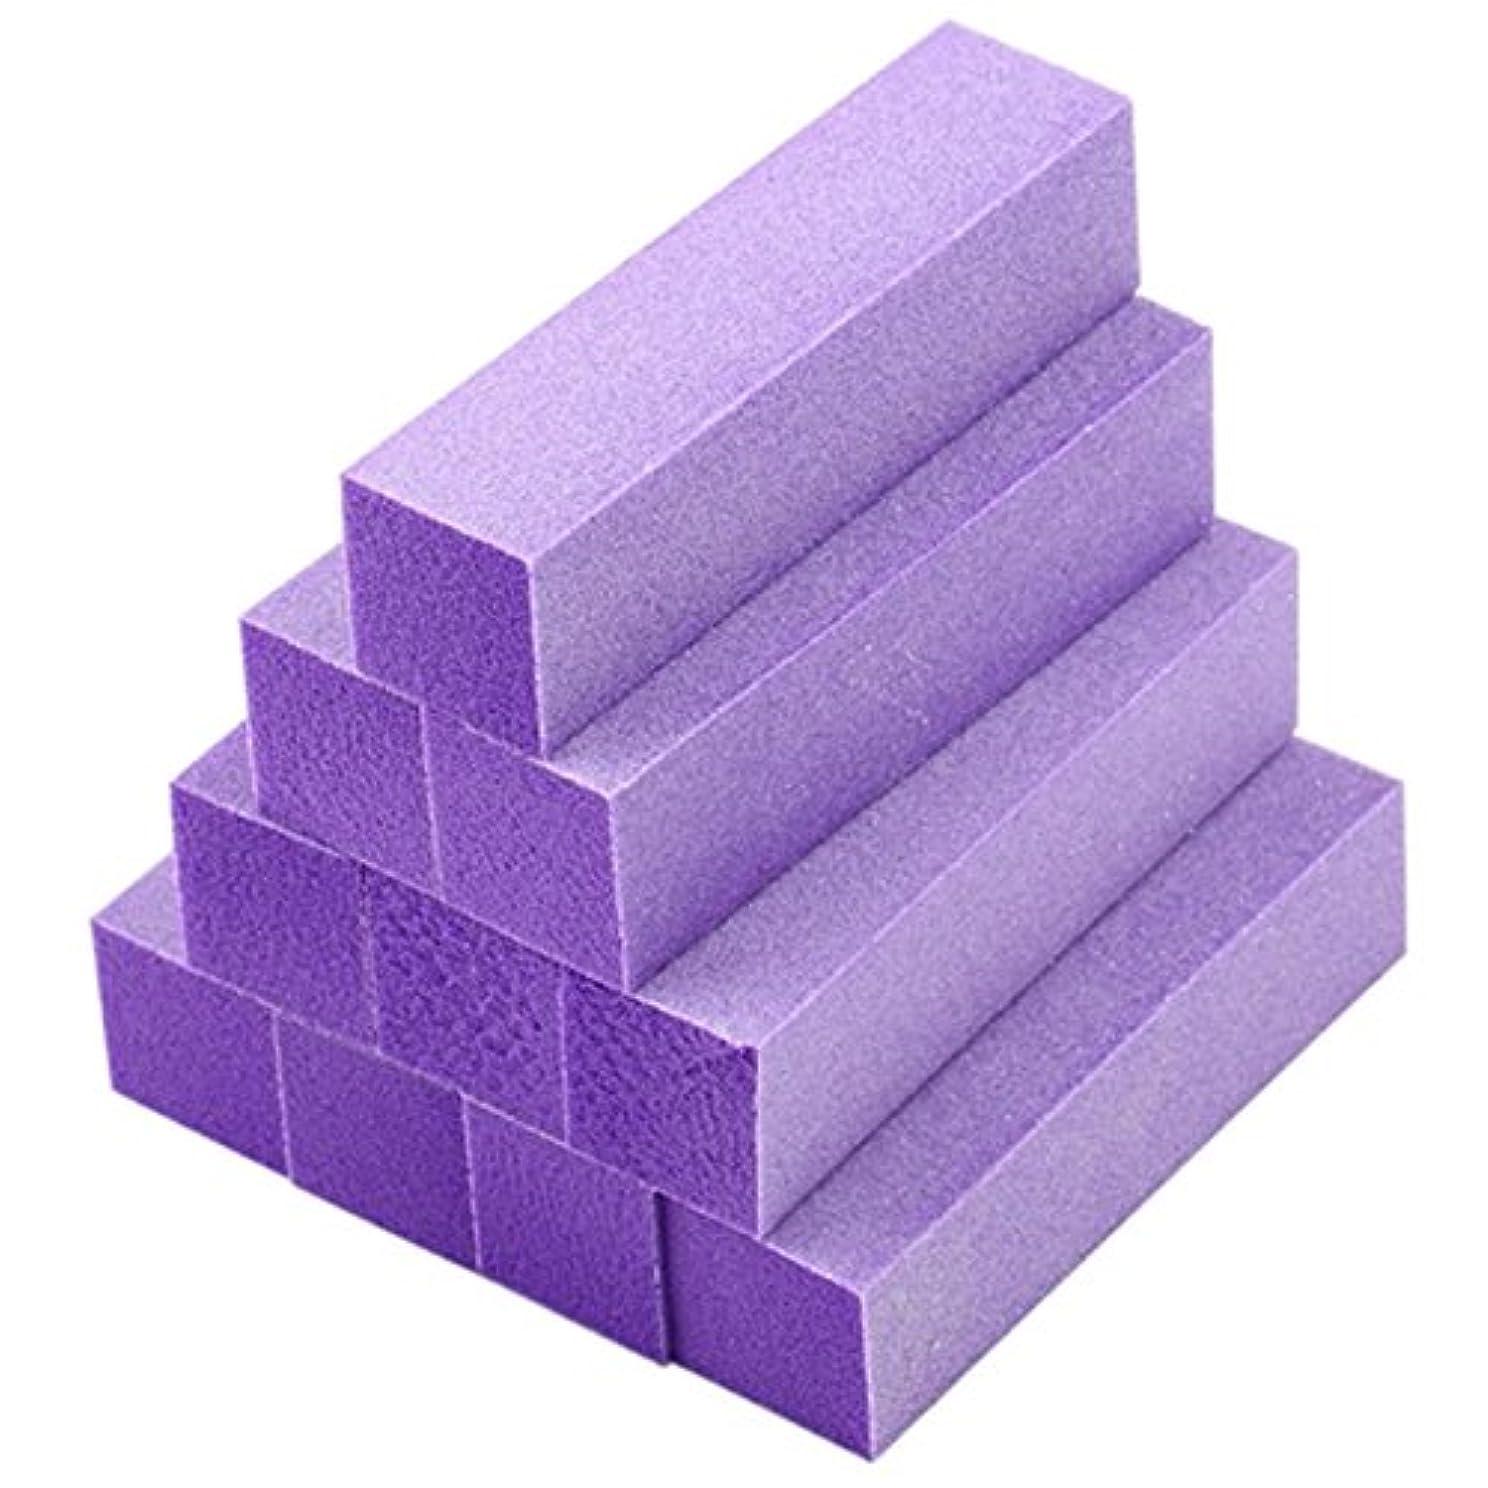 演劇すき深くACAMPTAR 10xバフ研磨 バッファブロックファイル アクリルペディキュアマニキュアネイルアートチップ (色:紫)